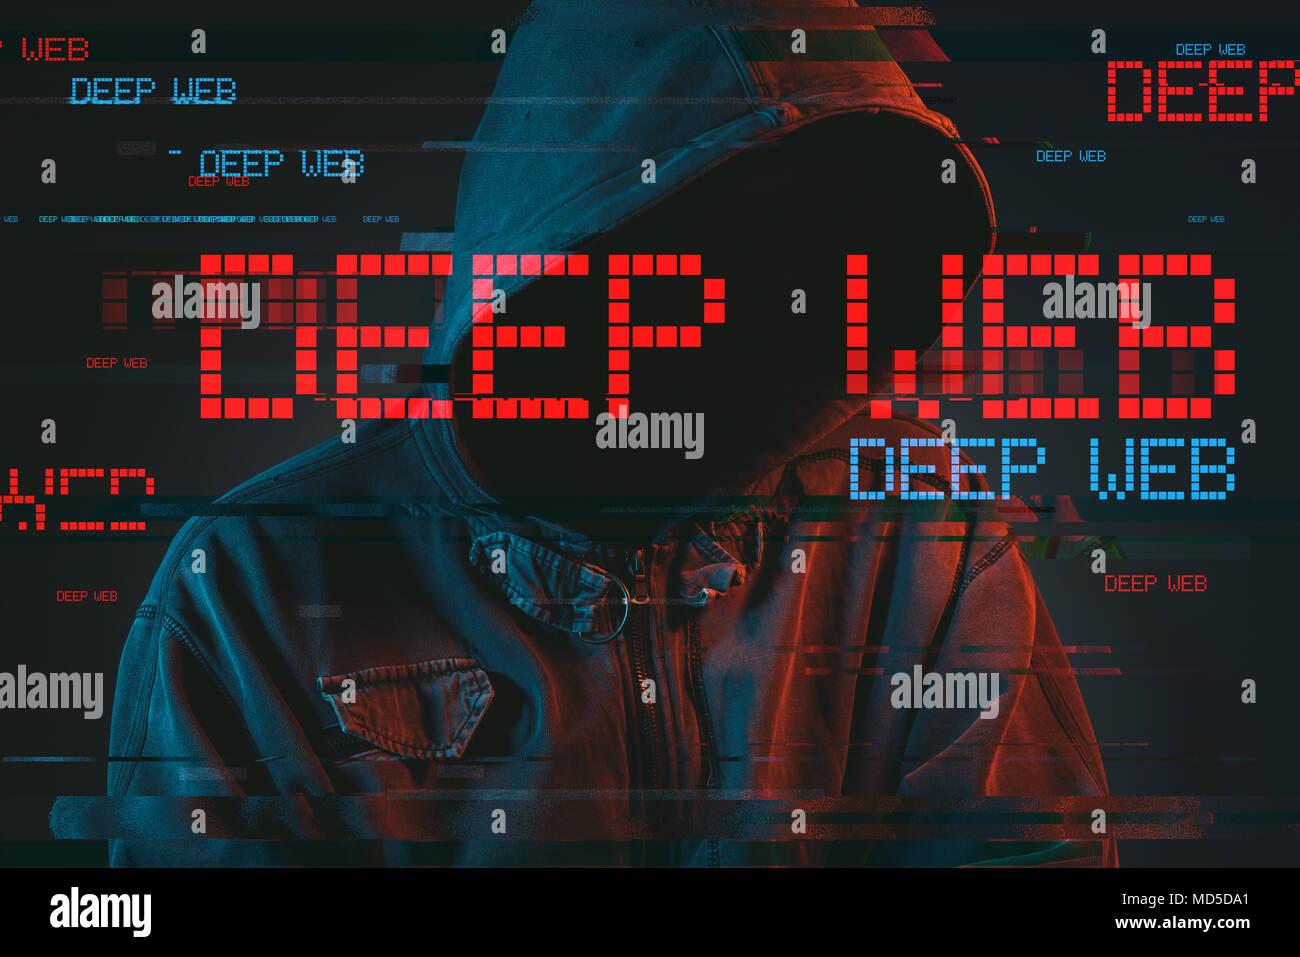 Hacking Web profundo concepto con rostro encapuchado varón bajo llave encendido rojo y azul de la imagen digital y glitch efecto Imagen De Stock